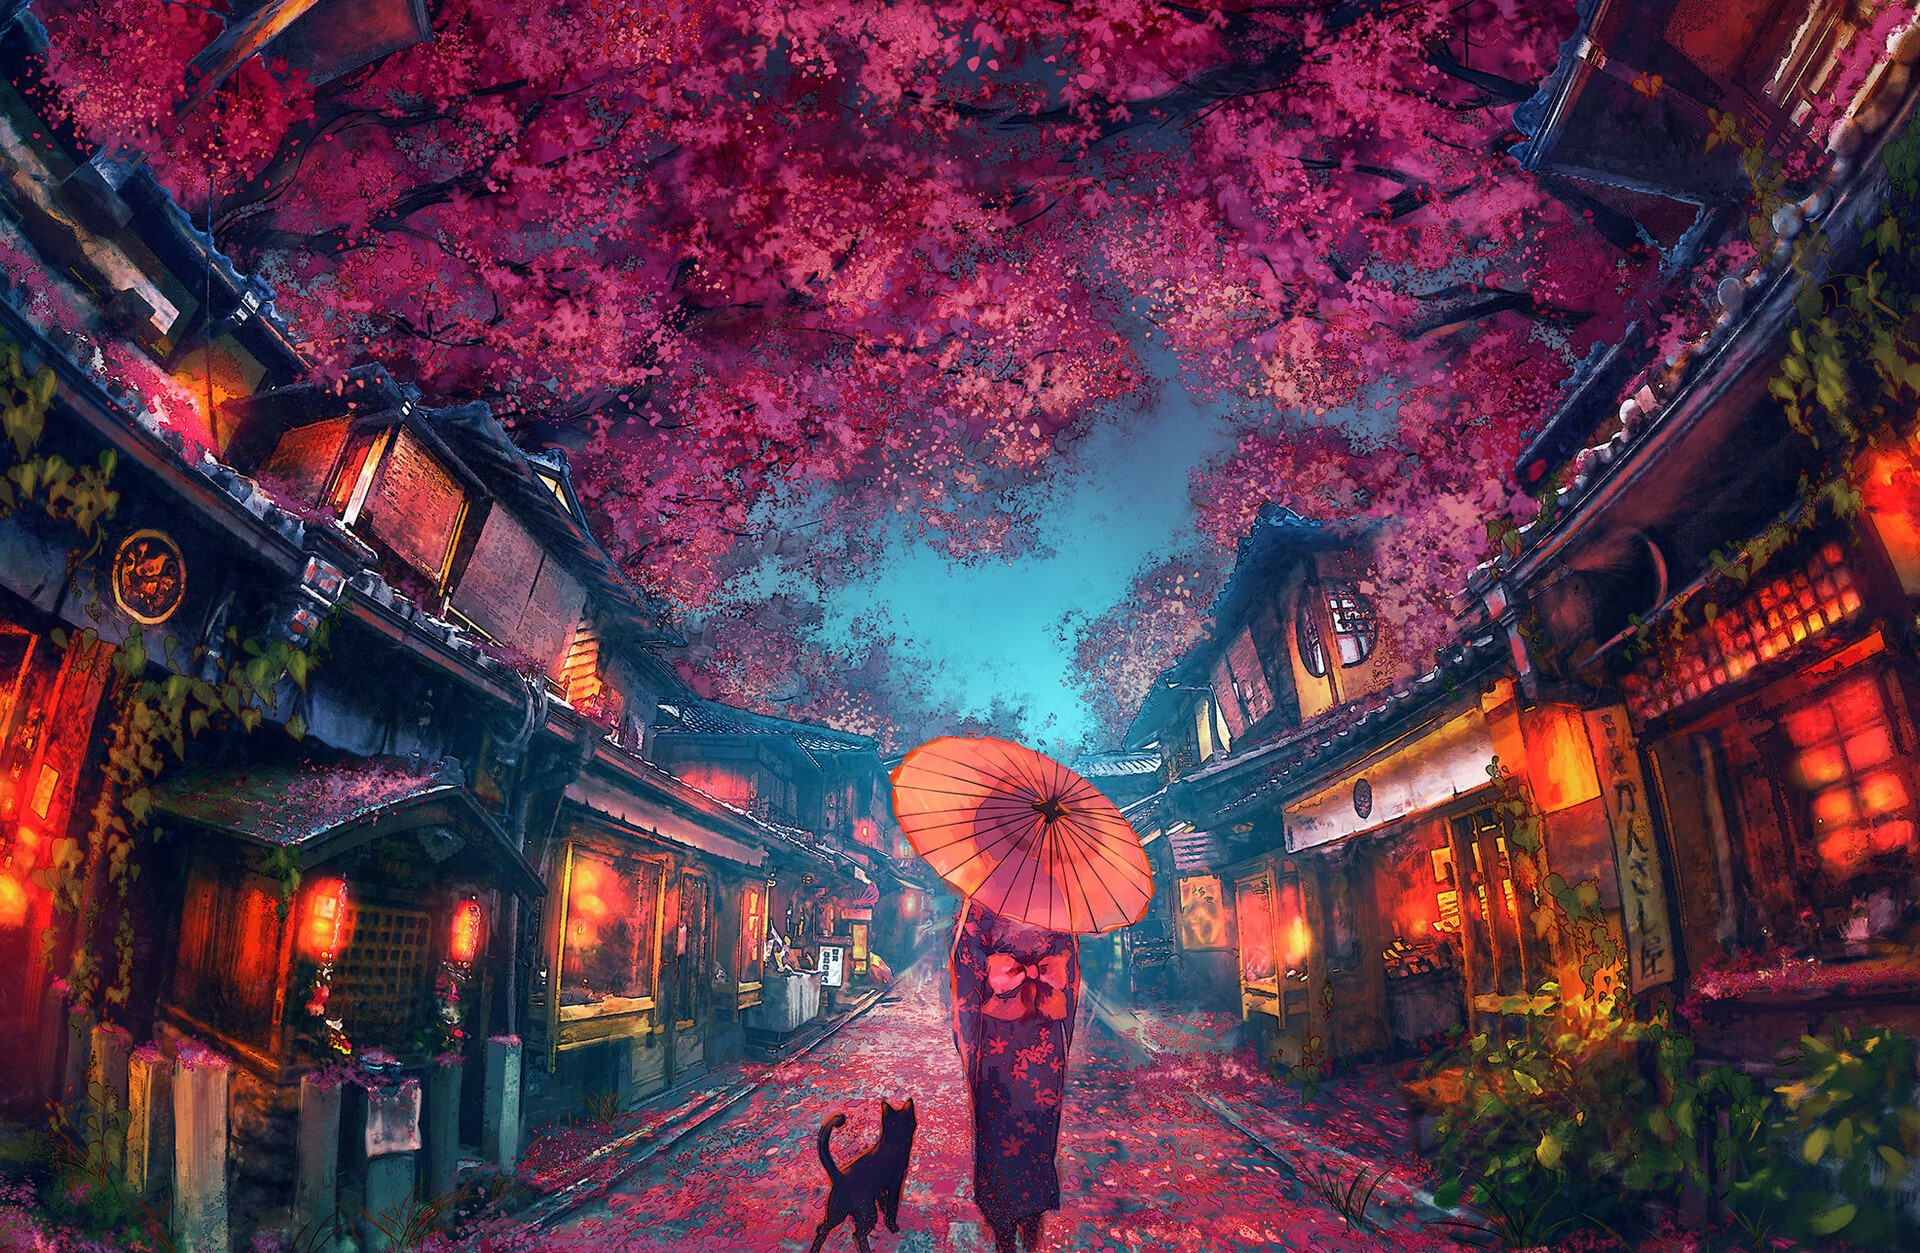 夜晚 樱花 街道 女孩 伞 猫 灯火 高清唯美女孩动漫壁纸插图